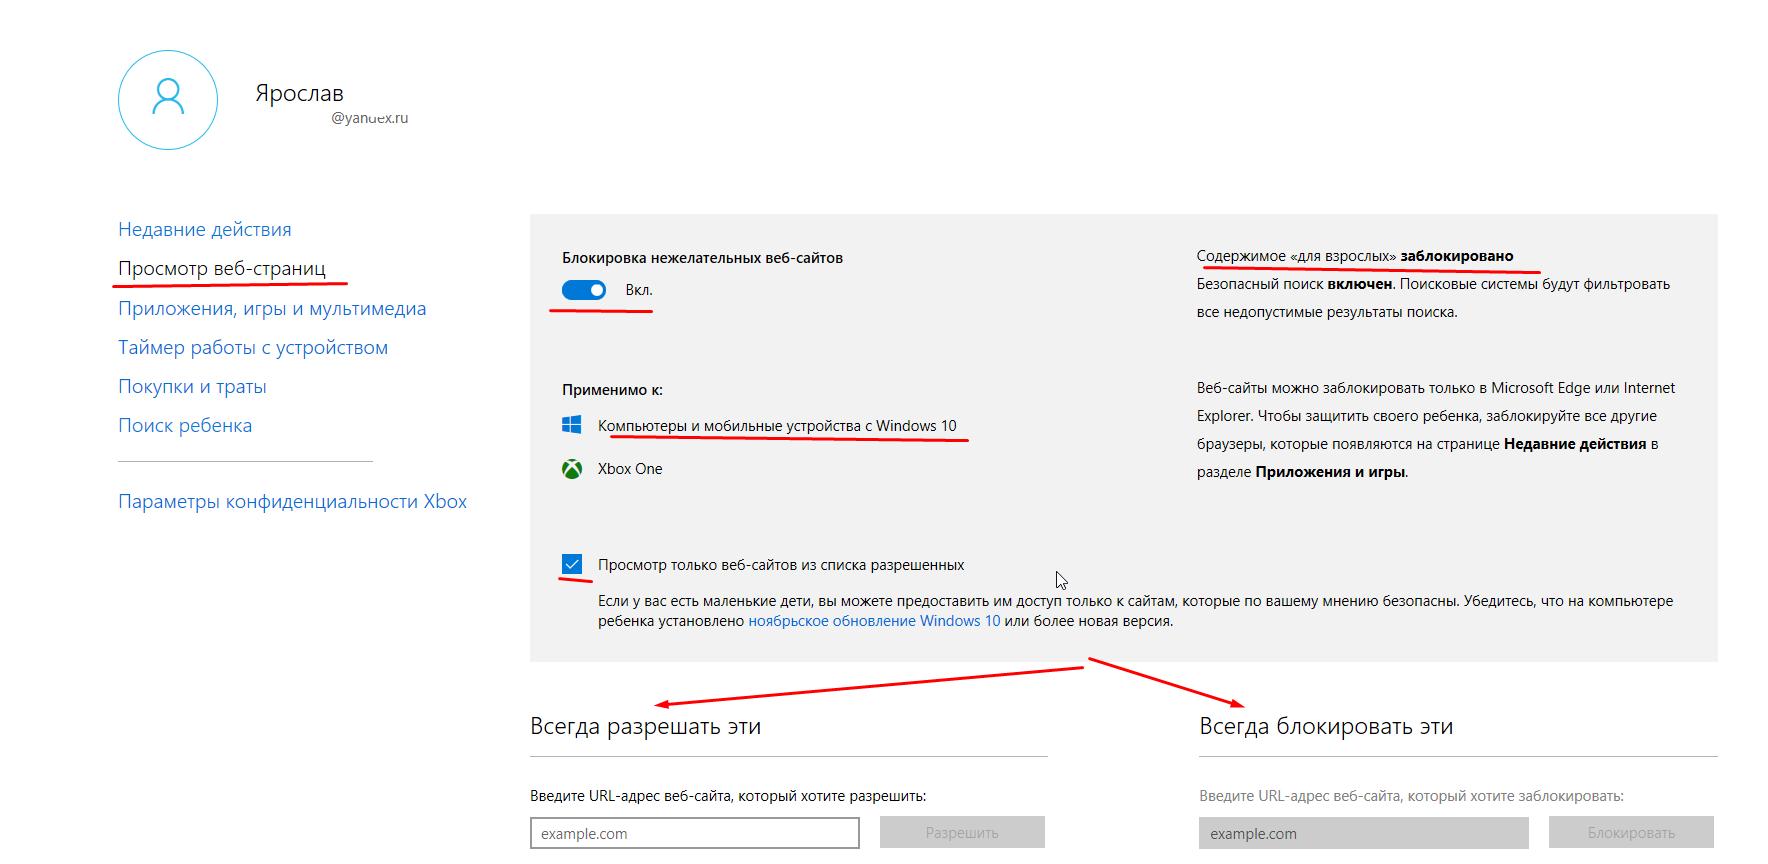 Как создать учетную запись Майкрософт (Microsoft), и для чего она нужна?